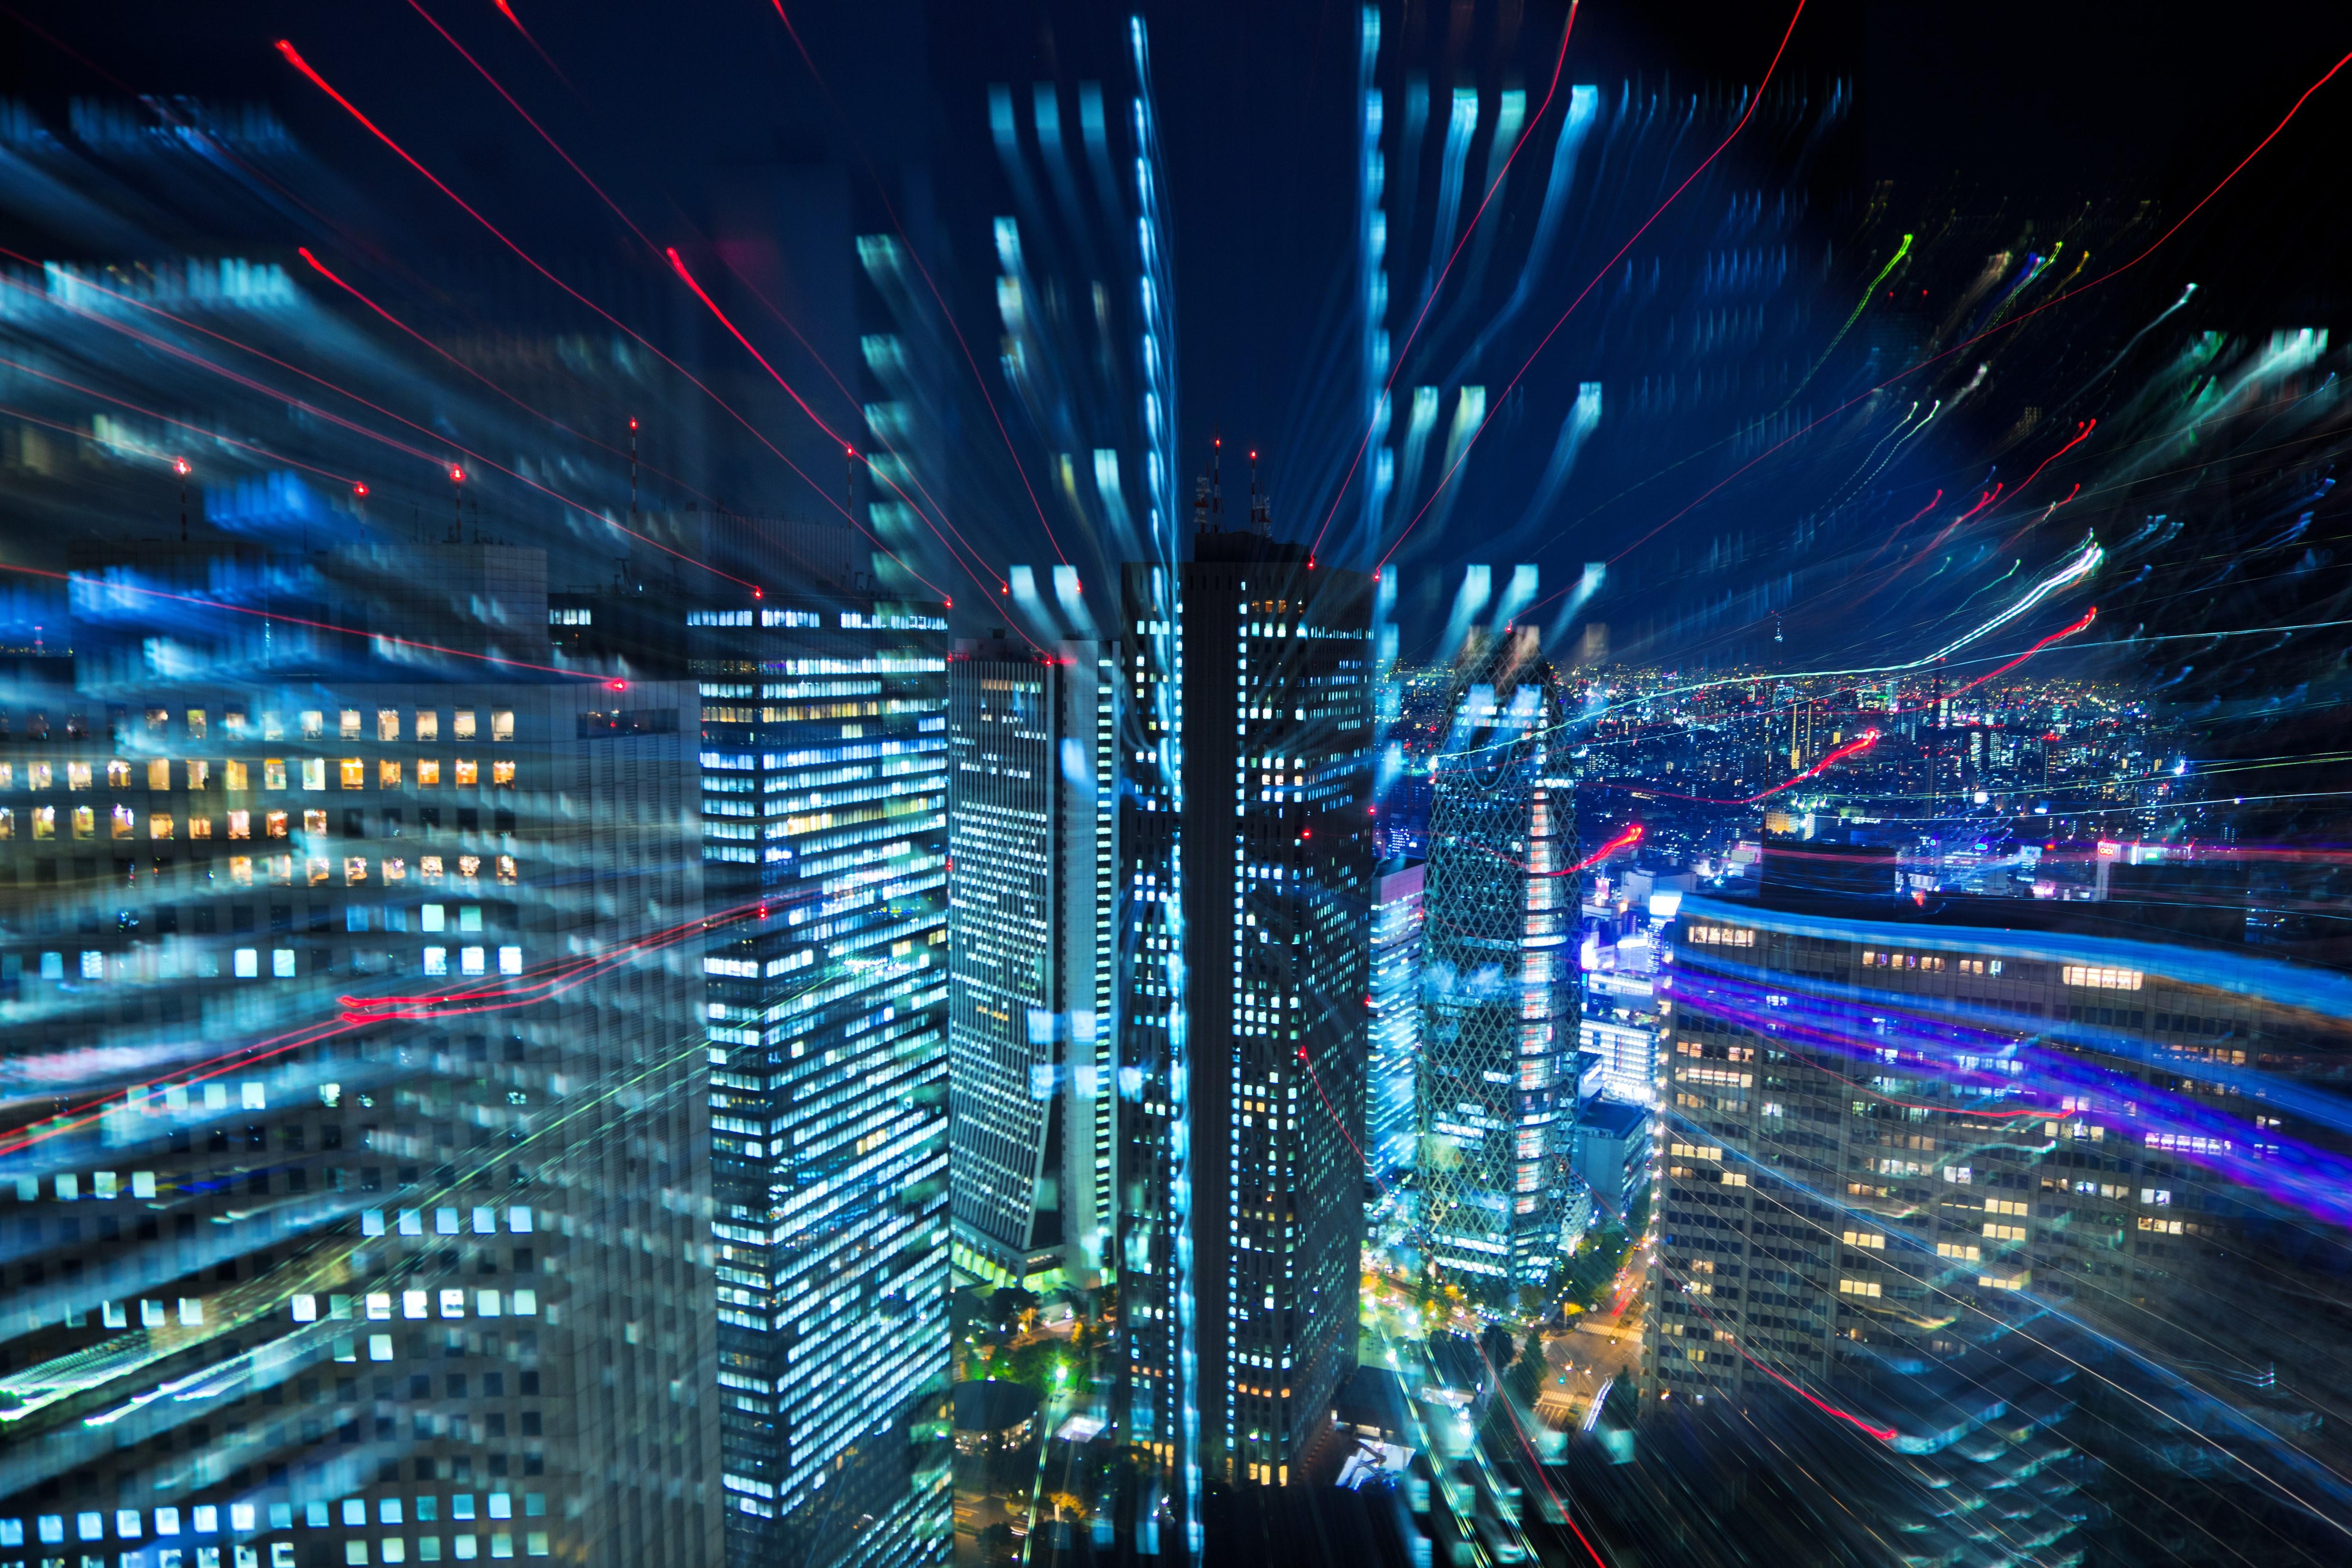 Czy nowoczesne miasta będą myślały i reagowały?